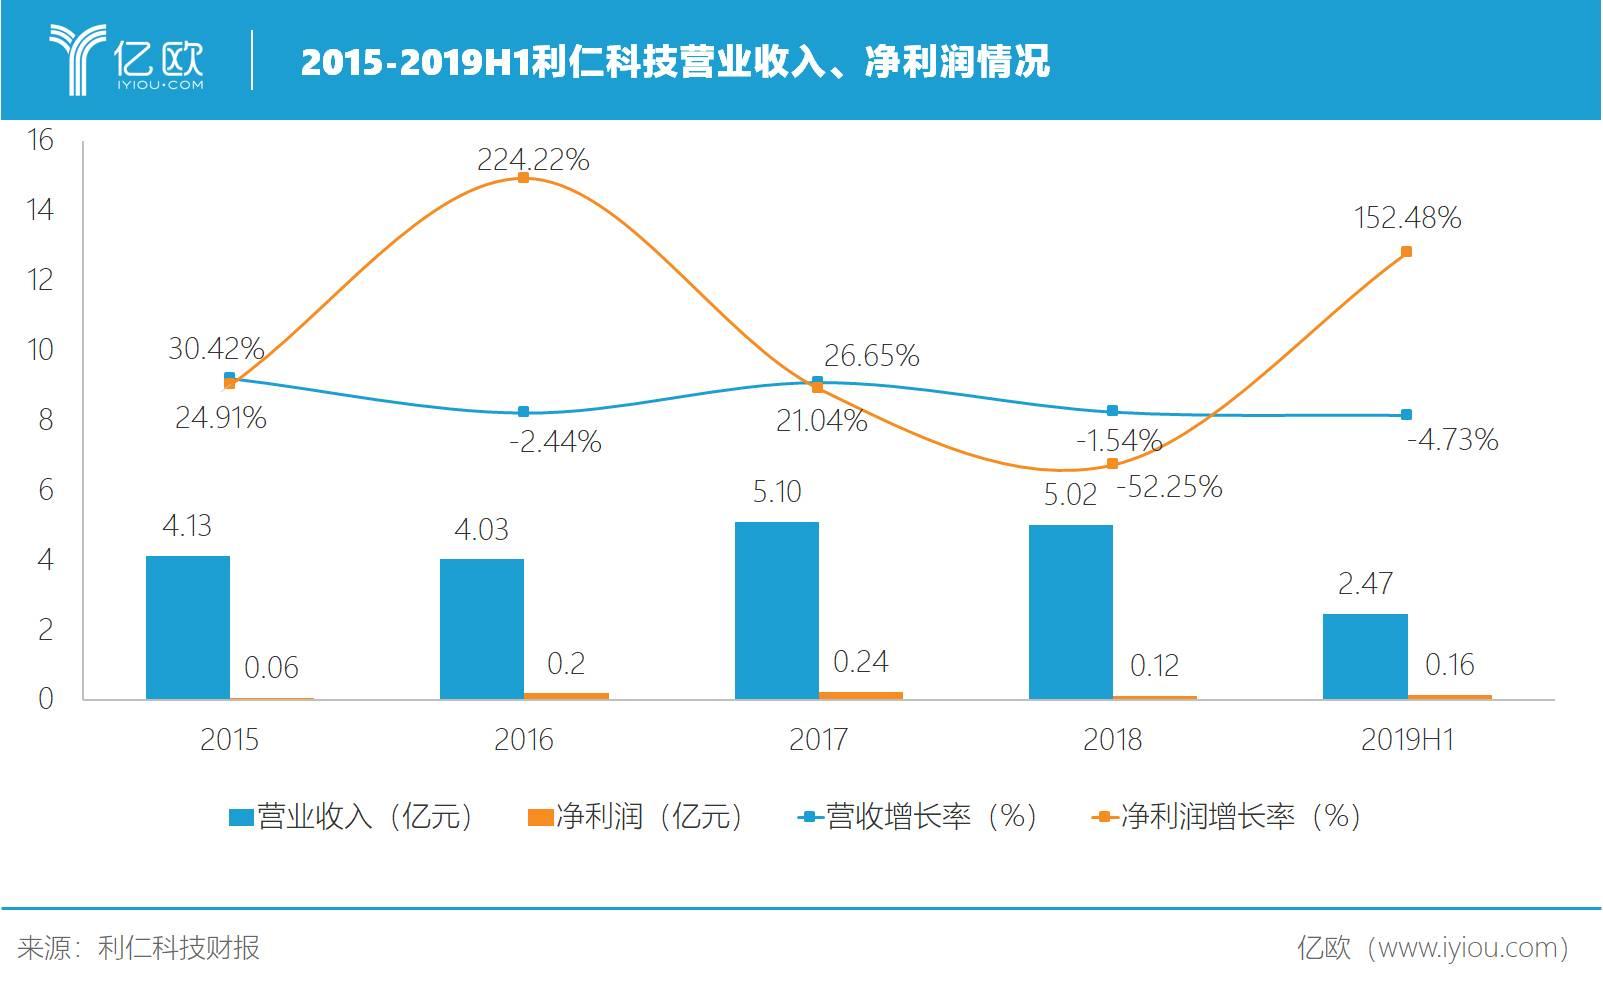 2015-2019H1利仁科技营业收入、净利润情况